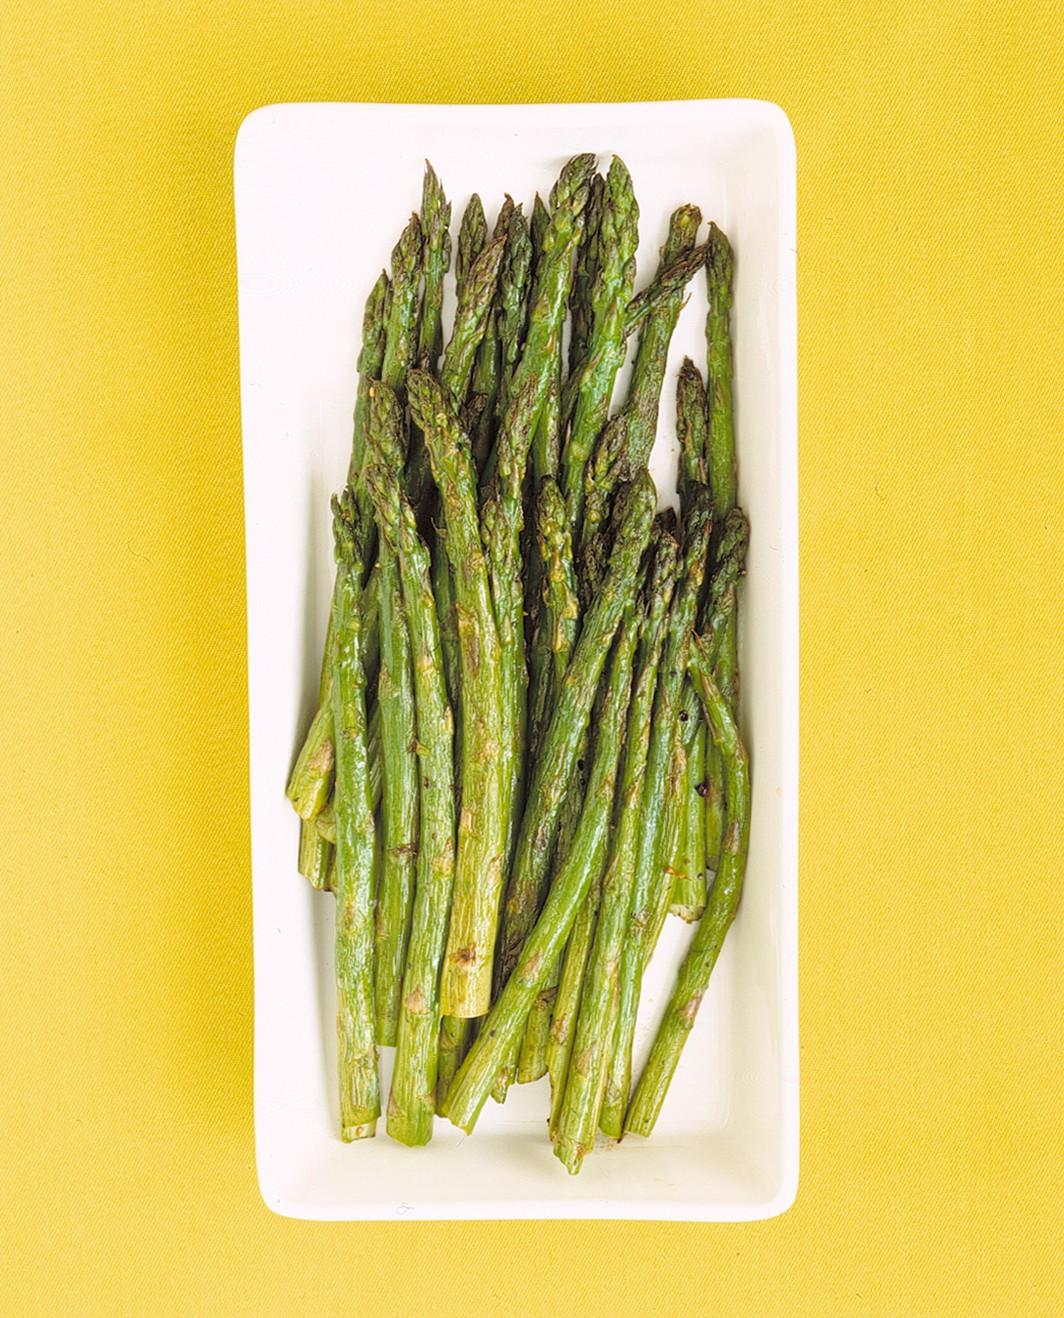 2_Roasted-Asparagus.jpg